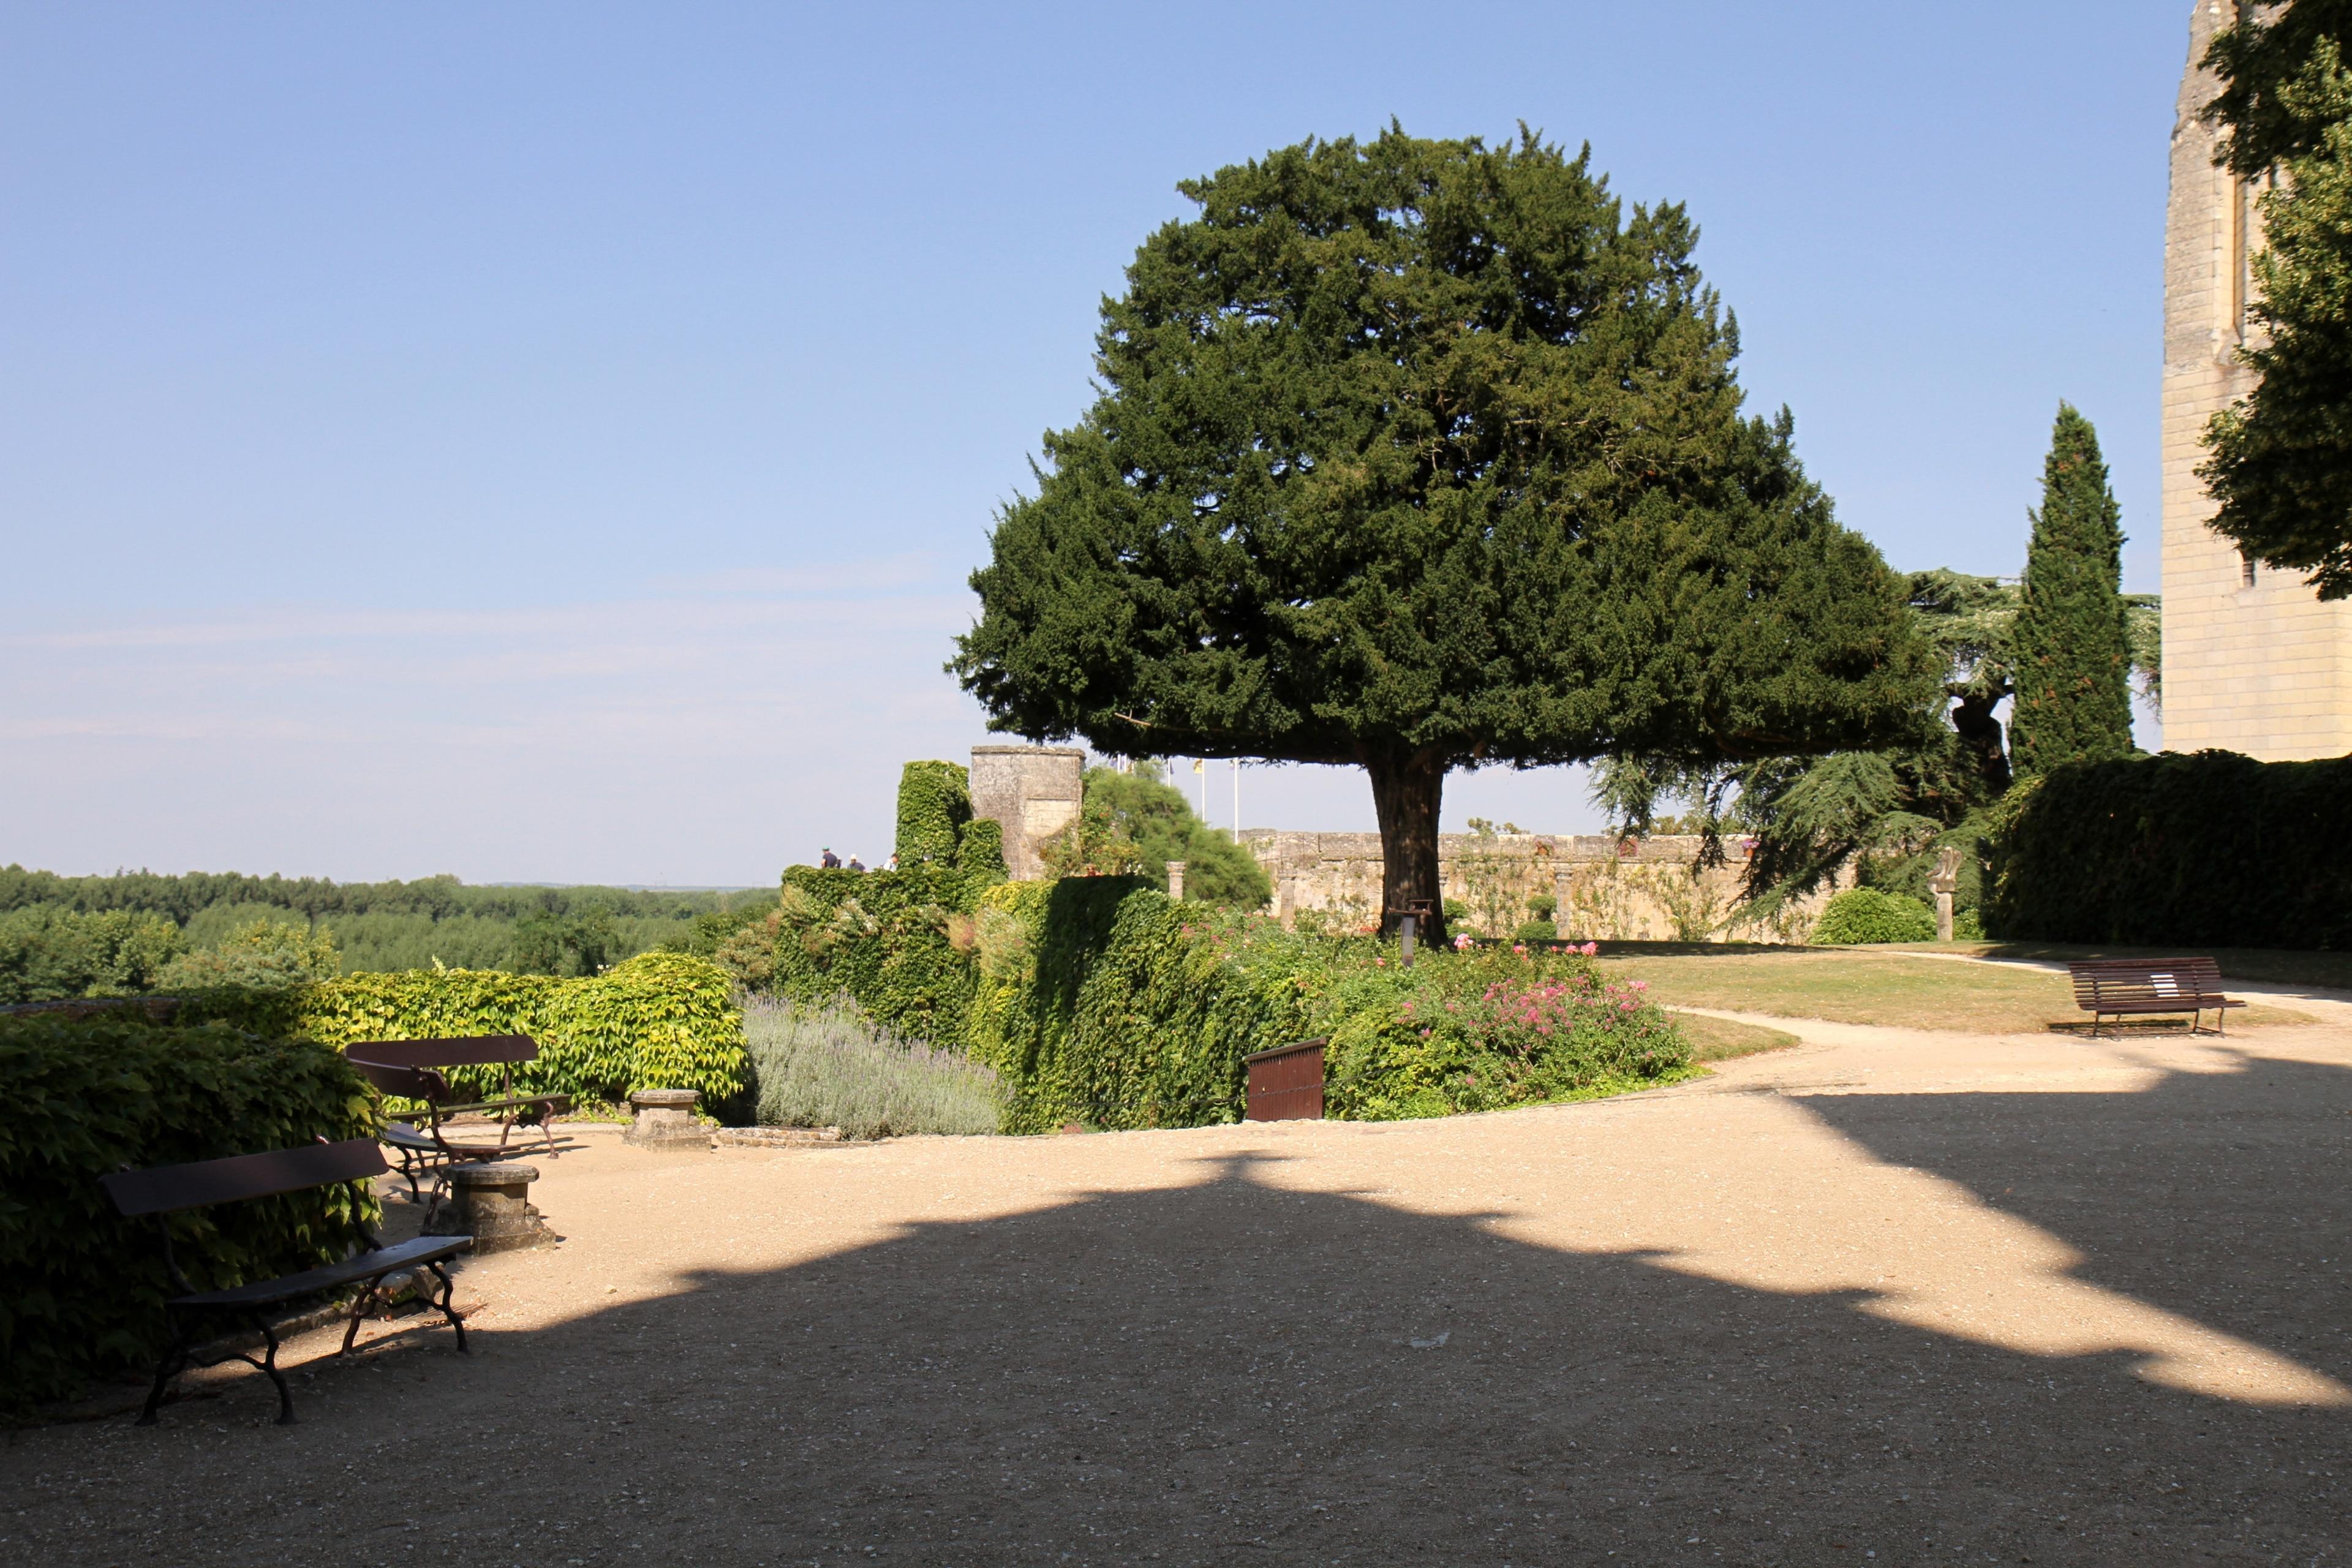 Chateau de Montreuil-Bellay, Montreuil-Bellay, Maine-et-Loire, France